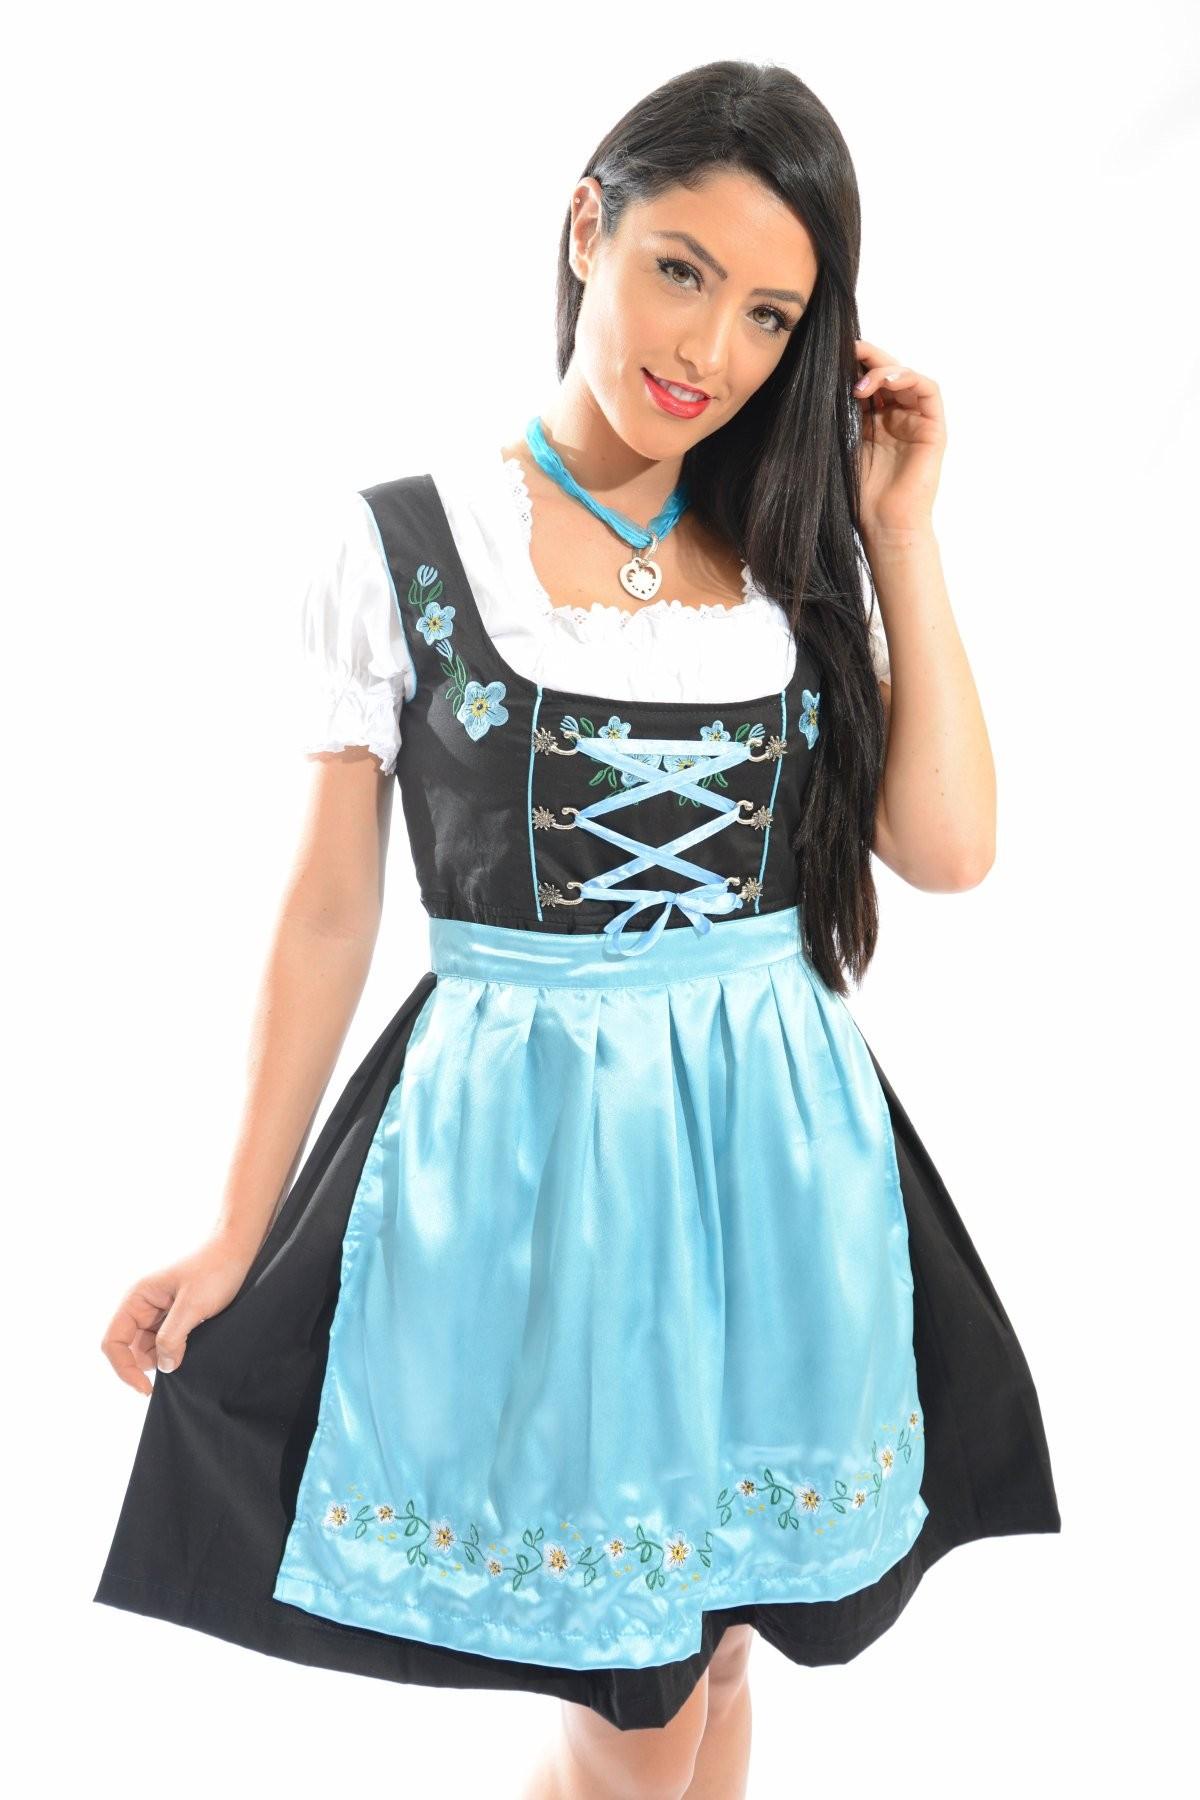 Dress Blouses For Women